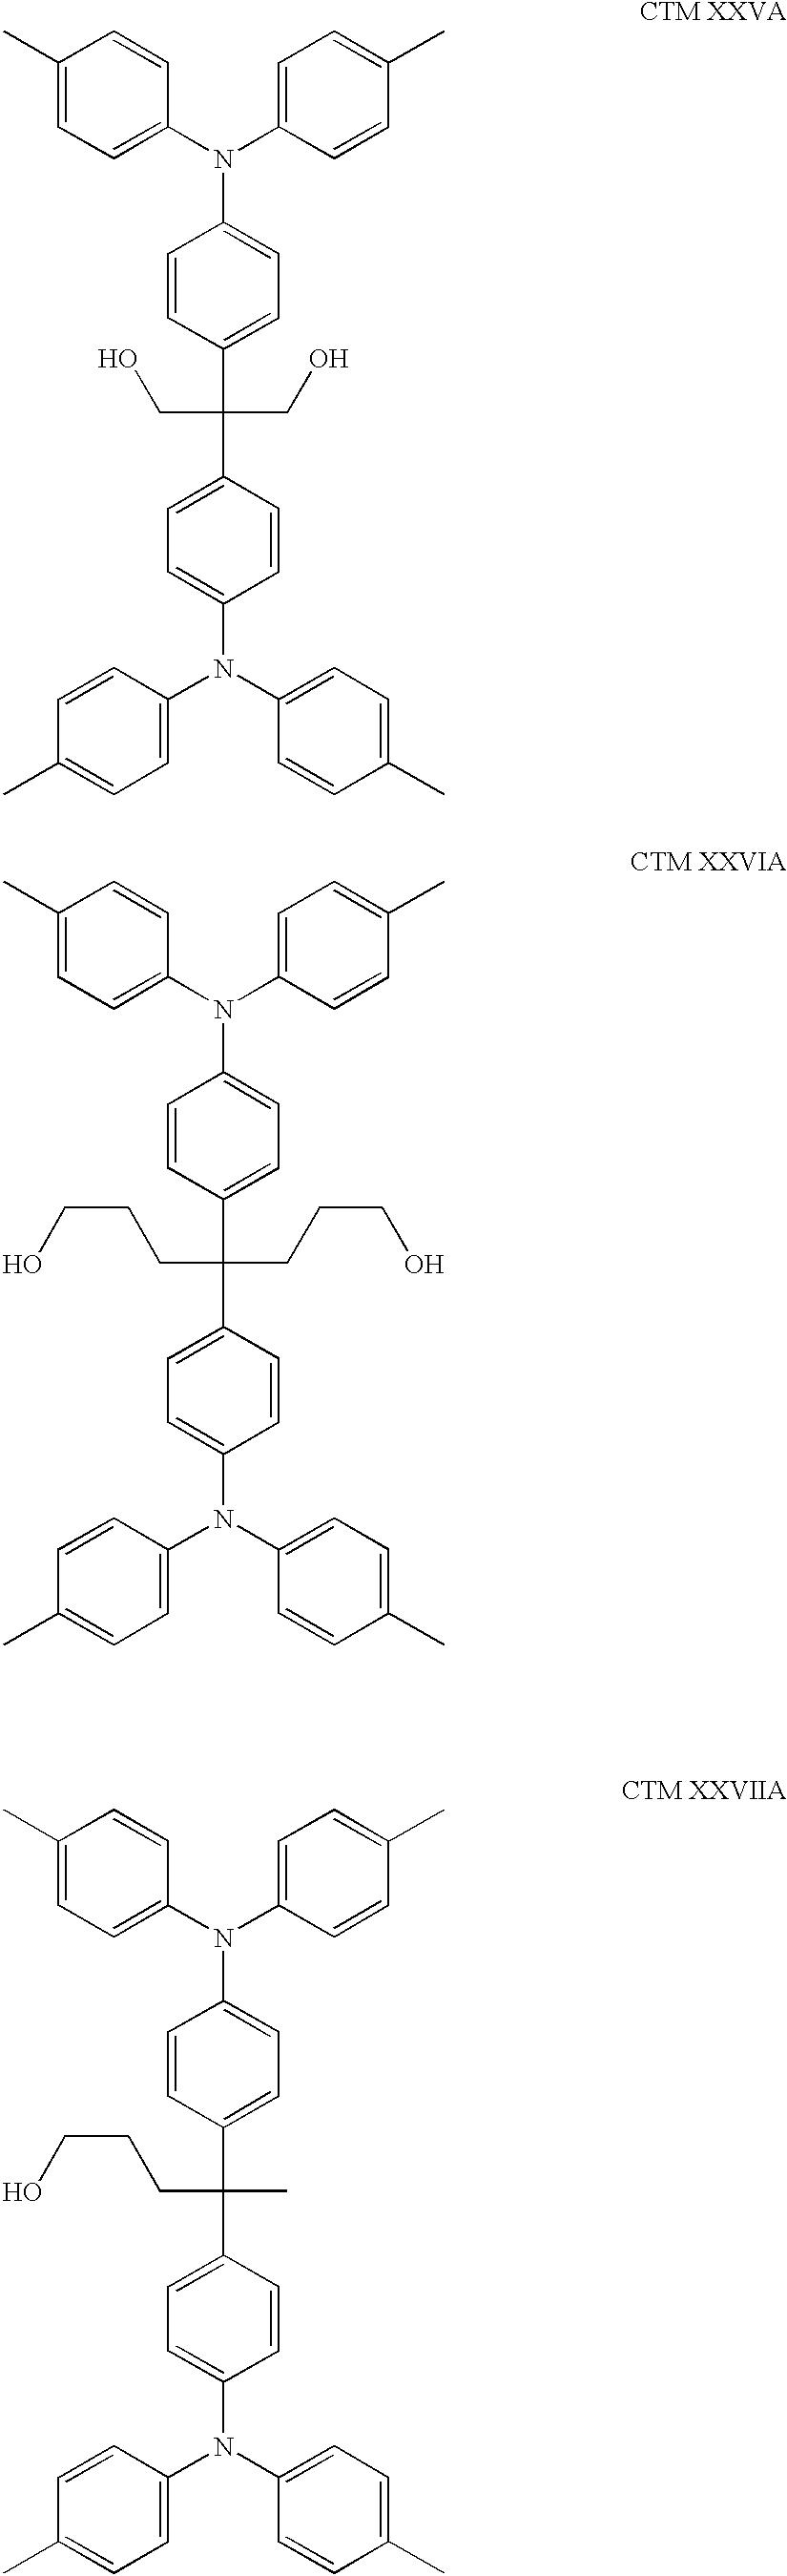 Figure US06517984-20030211-C00020